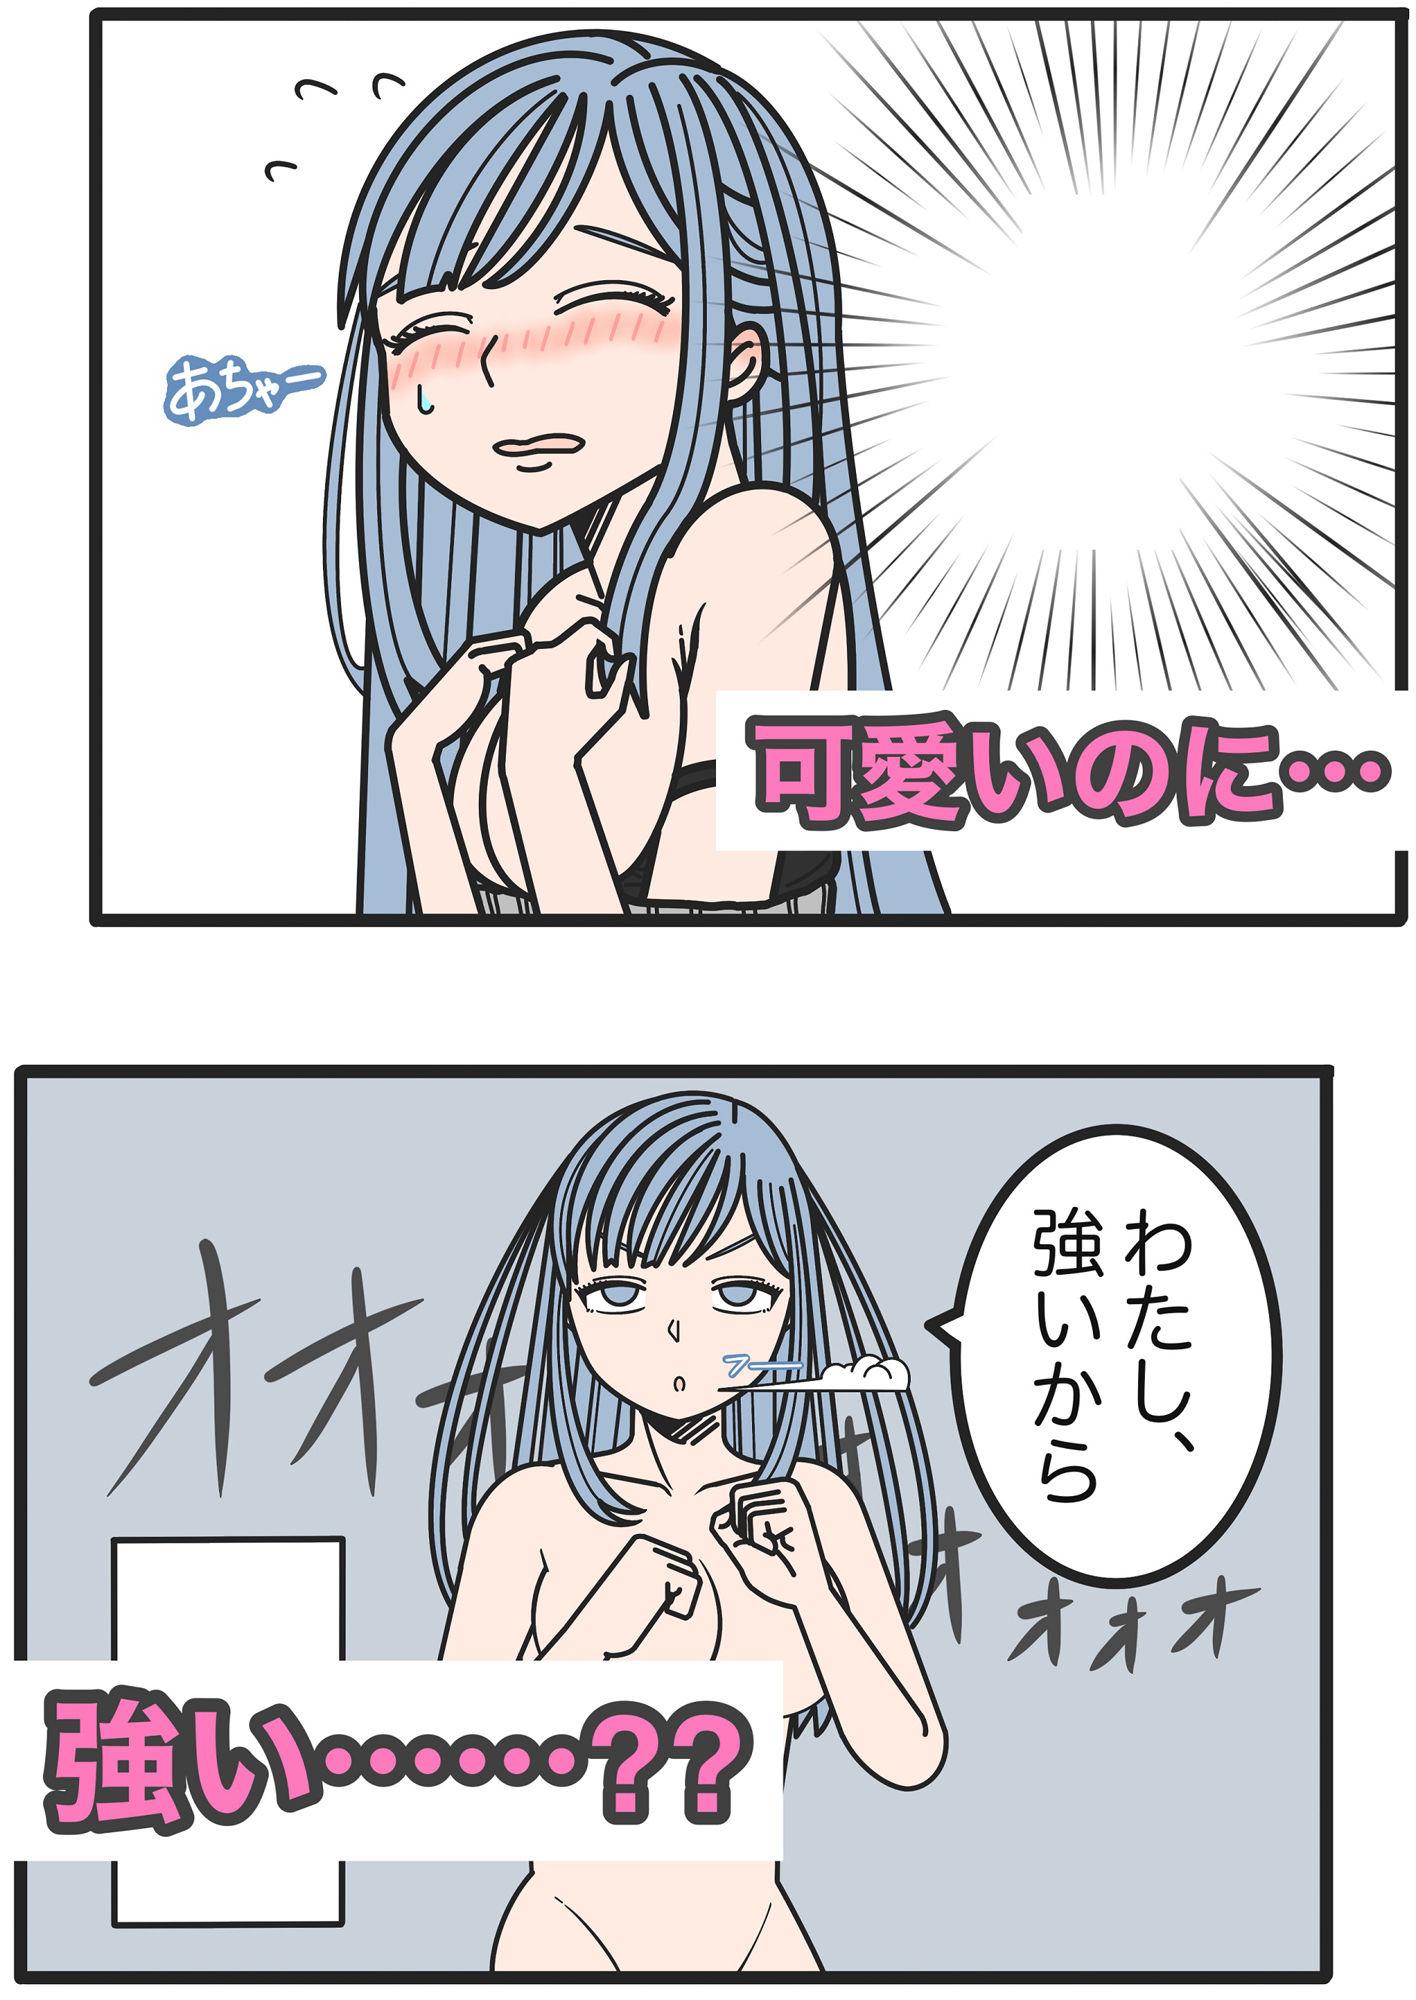 サンプル画像1:隣人のお姉さんは、なぜか服が脱げる(はいどらいど) [d_199737]